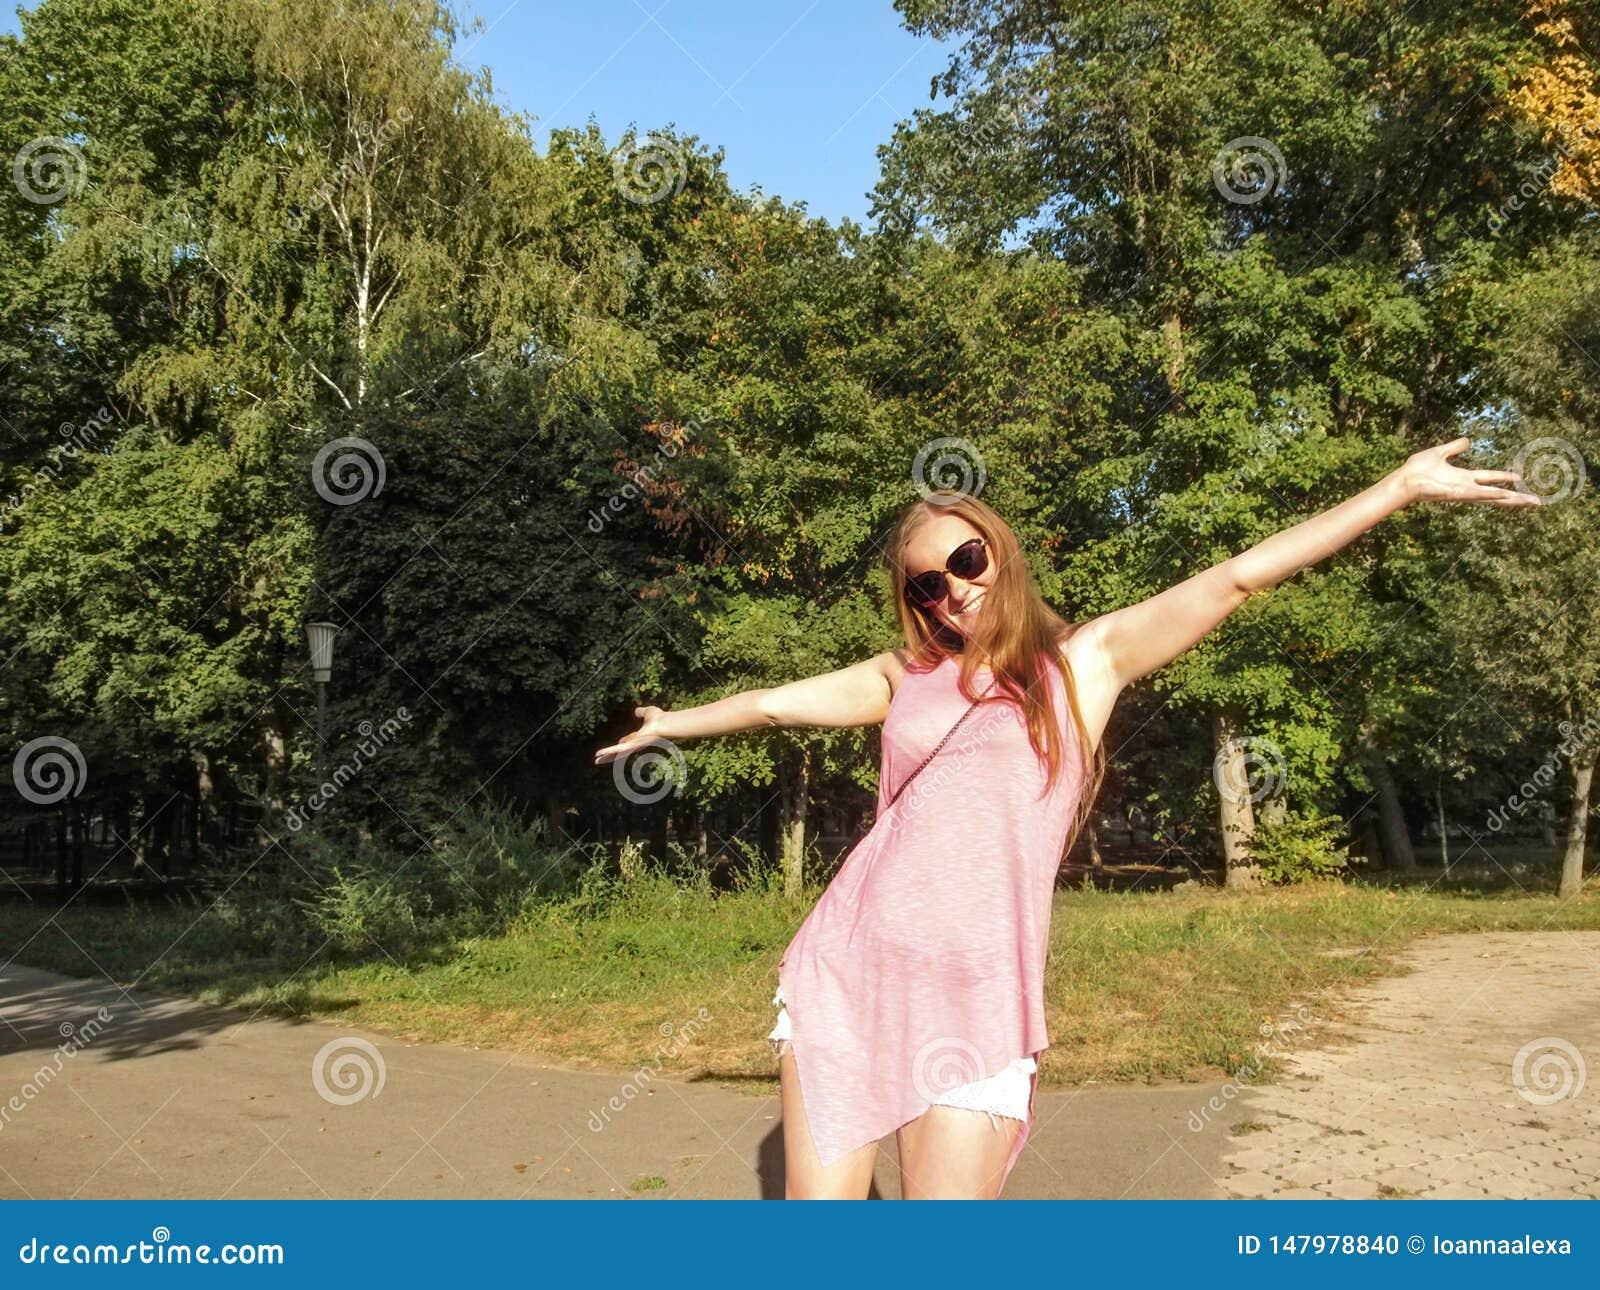 Heiße Blondine Hat Draußen Spass